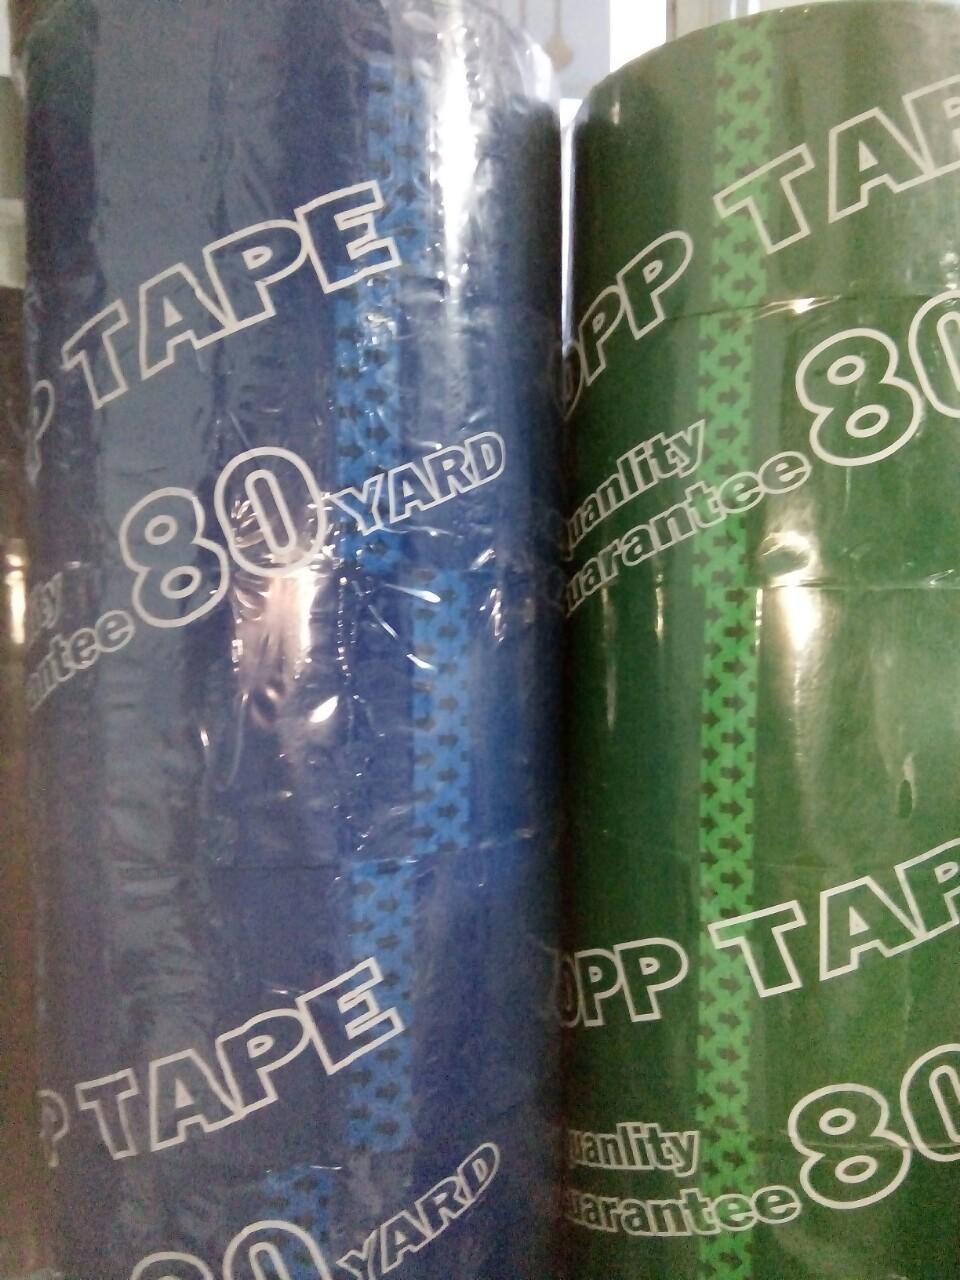 Mua 06 cuộn/cây 80year  băng keo dán  opp tape gáy 5cm giấy màu xanh giá 60.000đồng/ cây